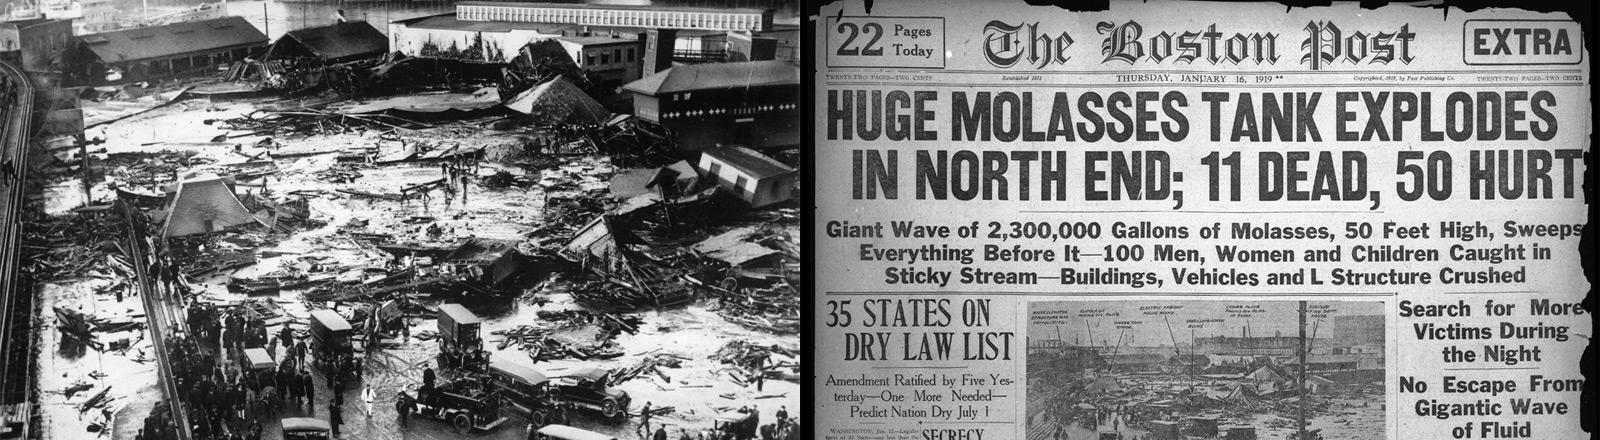 Die Zerstörung nach der großen Melasse-Katastrophe in Boston im Jahr 1919.